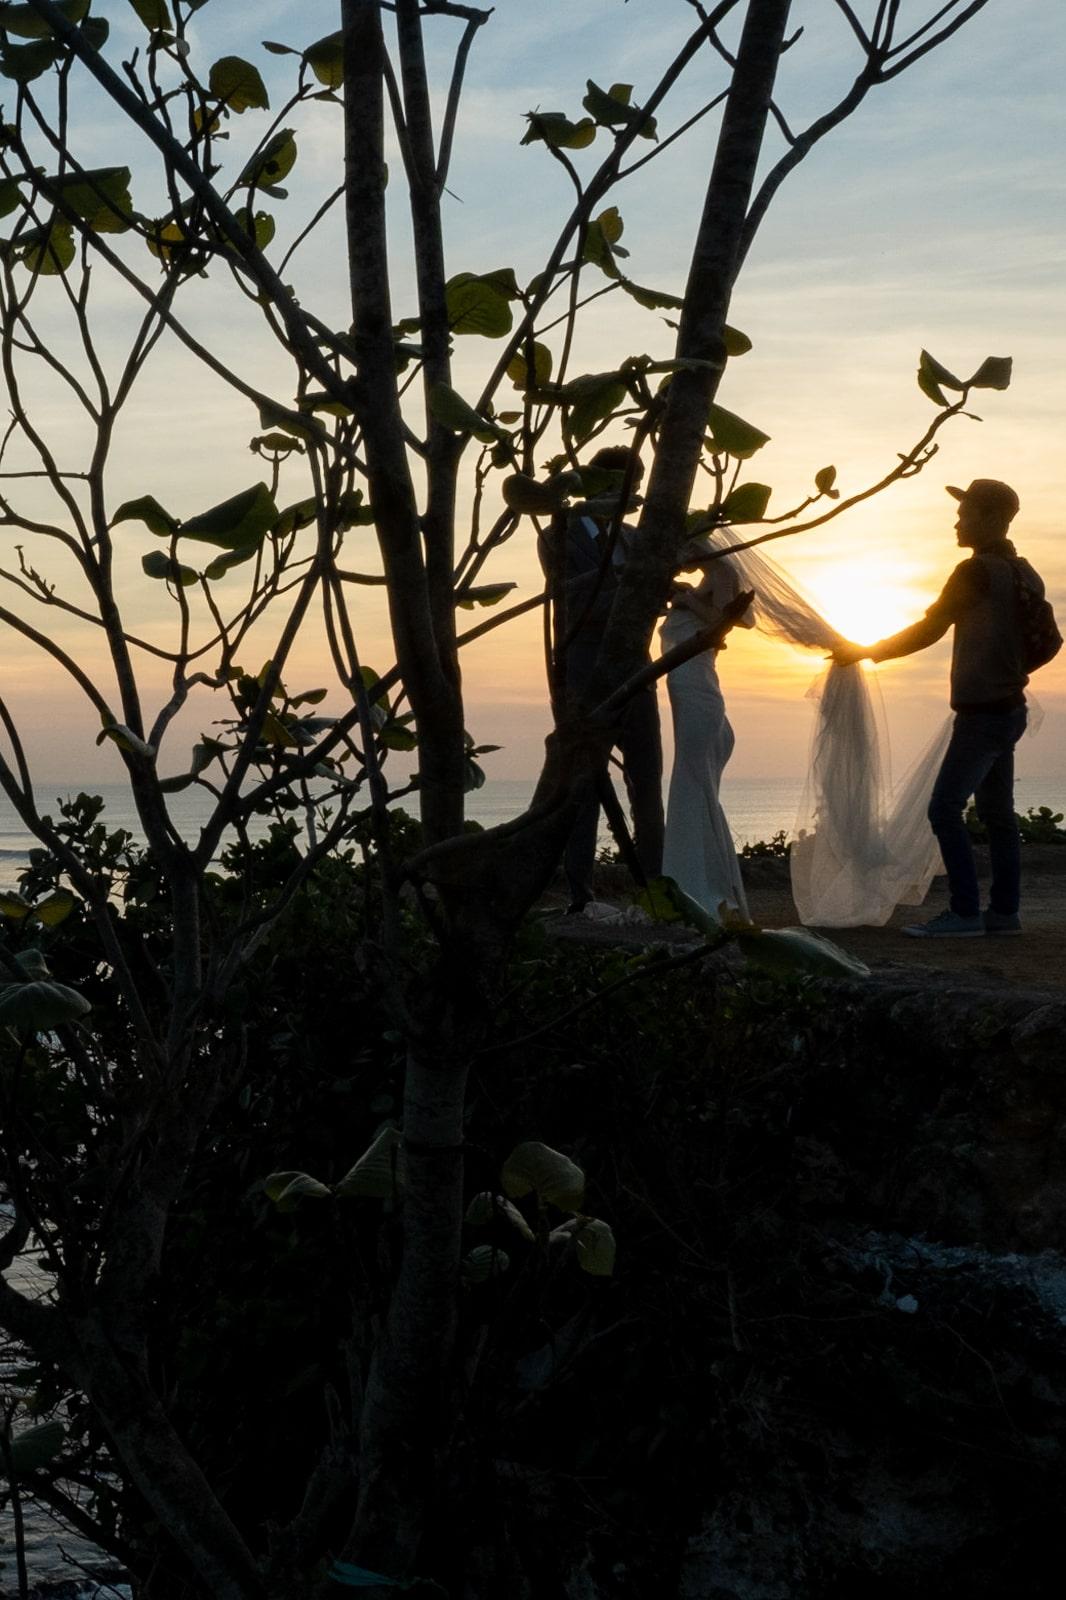 Bali : la Péninsule Sud - Balangan beach mariés au coucher de soleil | joliscarnets.net